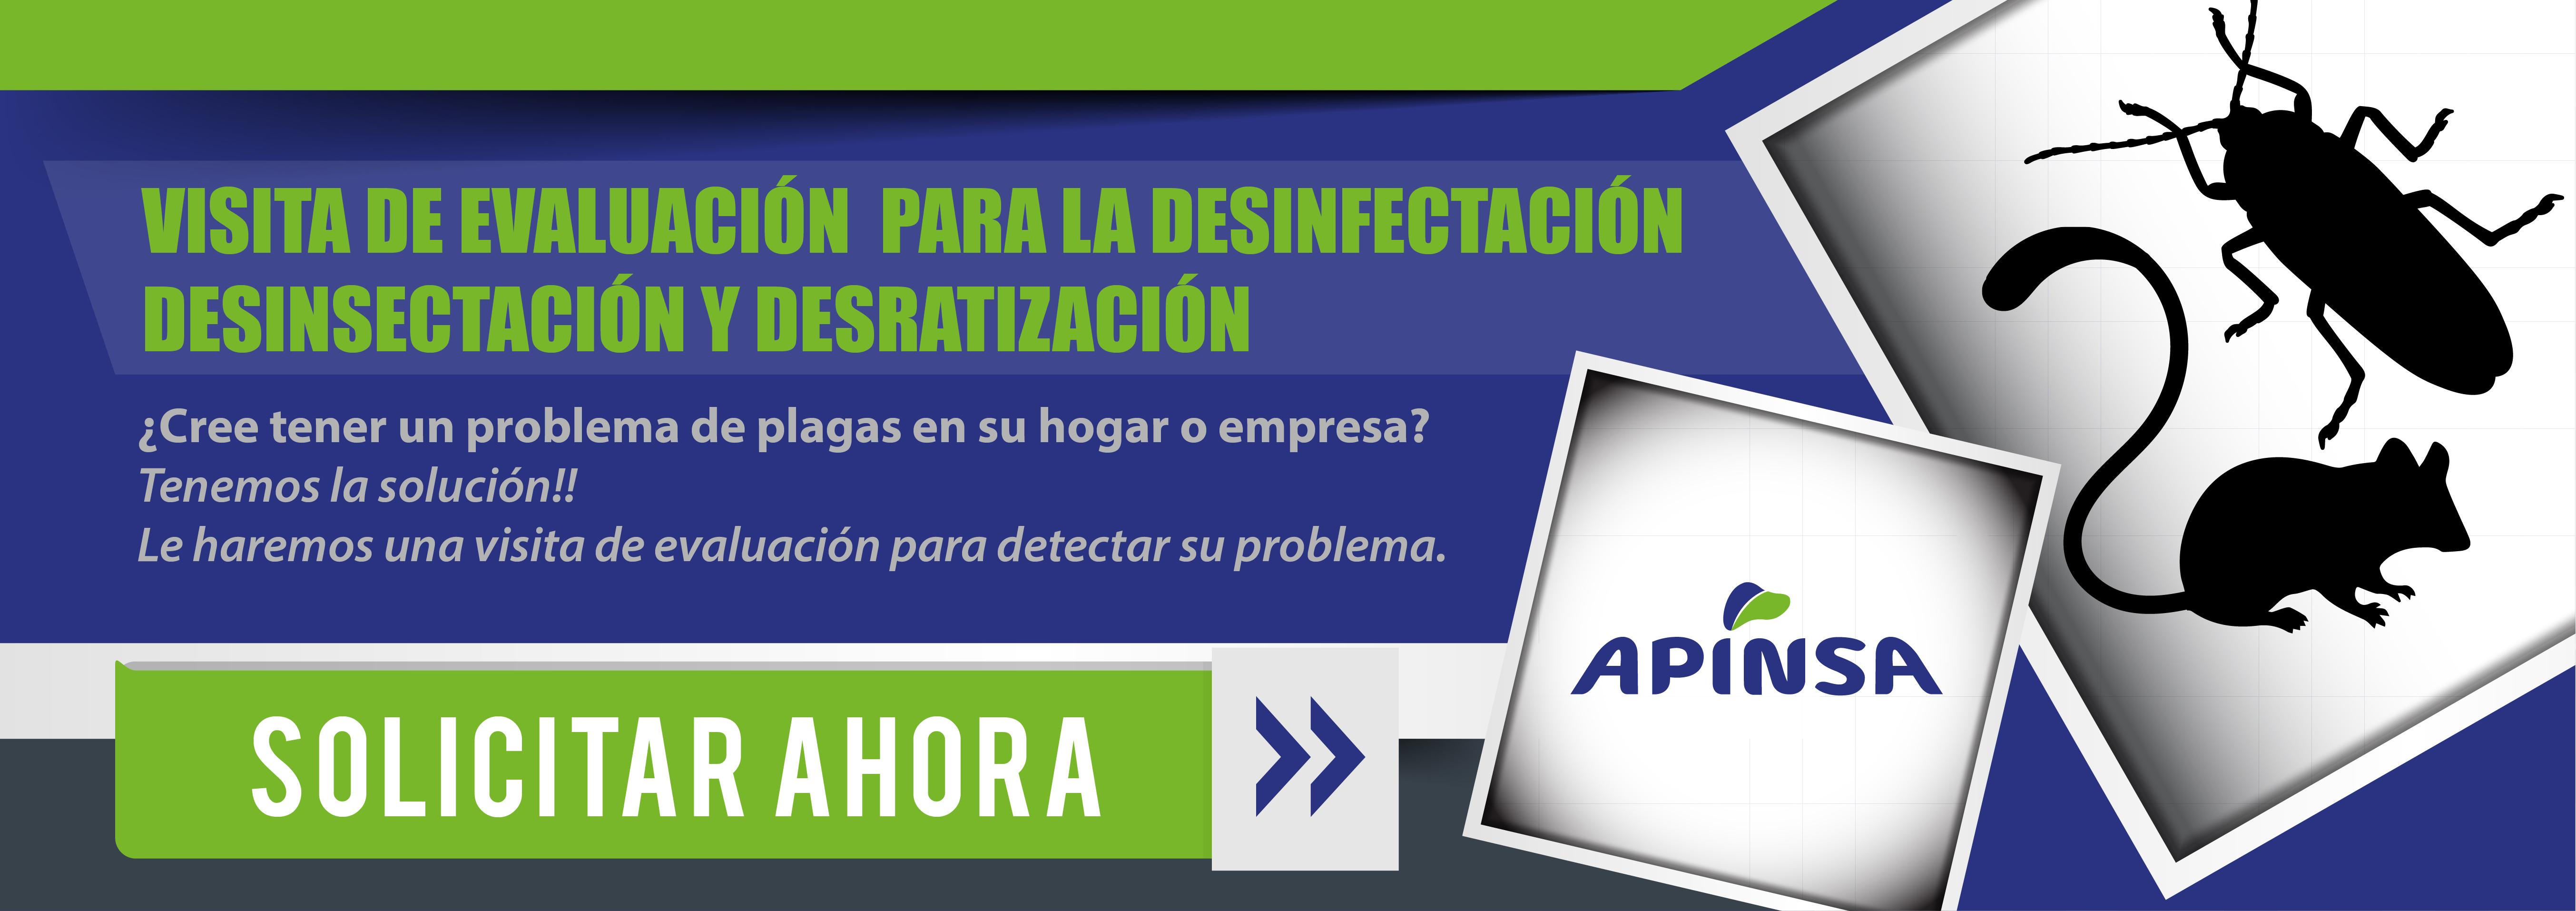 Contratar una empresa especializada en la desratización en Tenerife